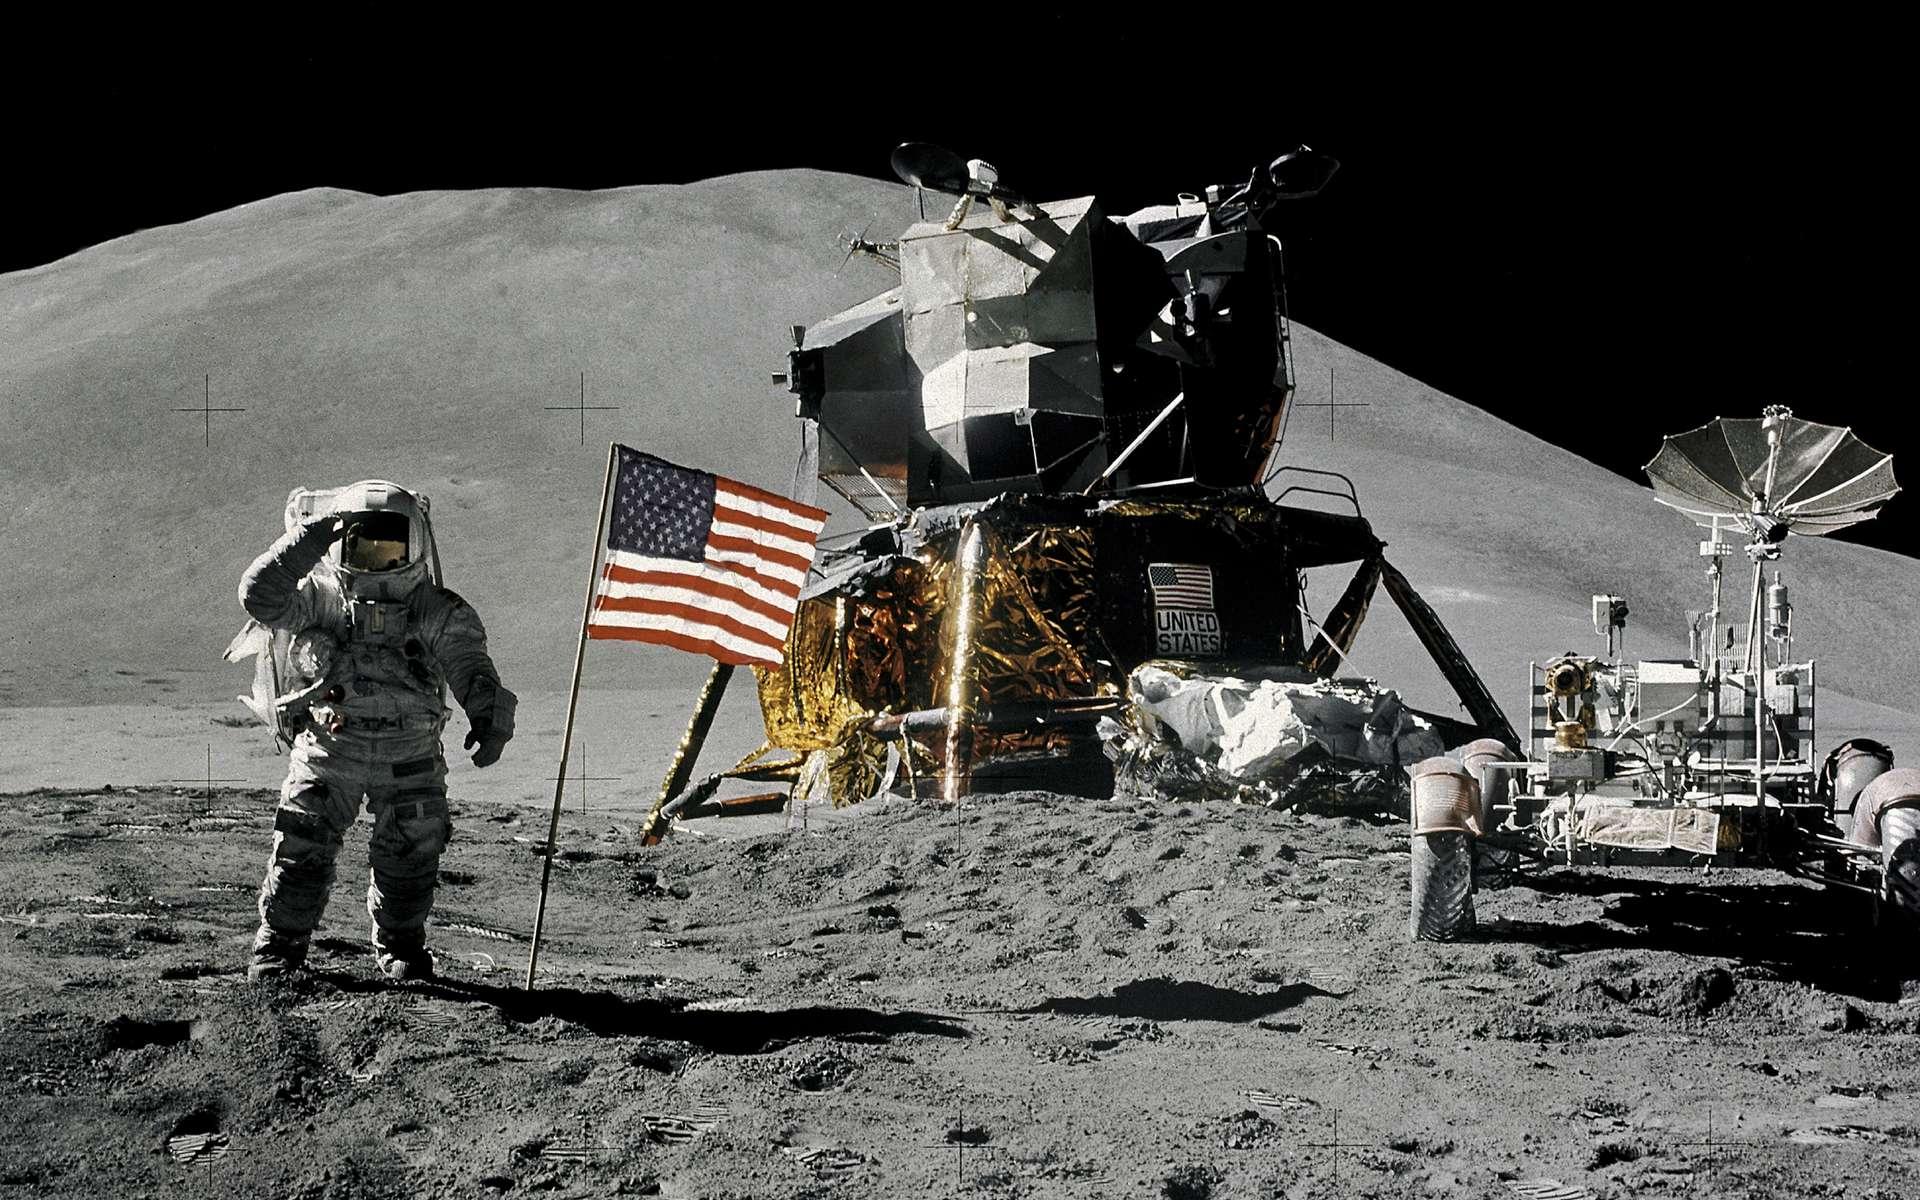 Le pilote du LM, Jim Irwin, salue le drapeau des États-Unis. Au cours de cette mission Apollo 15, les astronautes vont pouvoir s'éloigner davantage du module lunaire grâce au rover qu'ils ont emmené avec eux. © Nasa